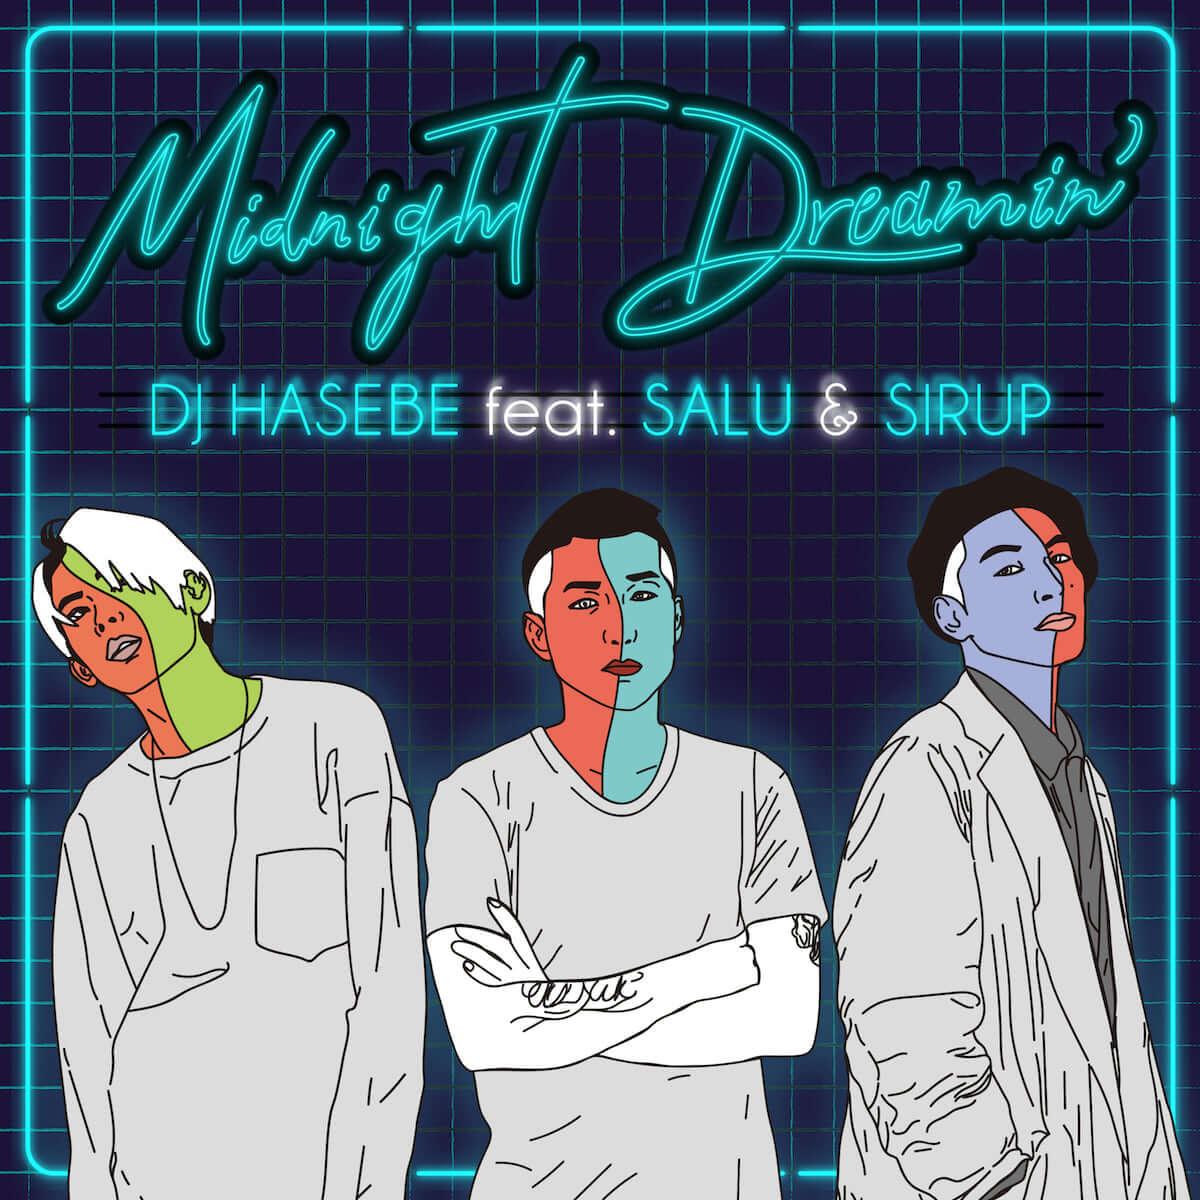 DJ HASEBE、SALUとSIRUPを迎えた新曲「Midnight Dreamin'」のMVが公開に|ディレクターはDJ KRO music190226-dj-hasebe-4-1200x1200